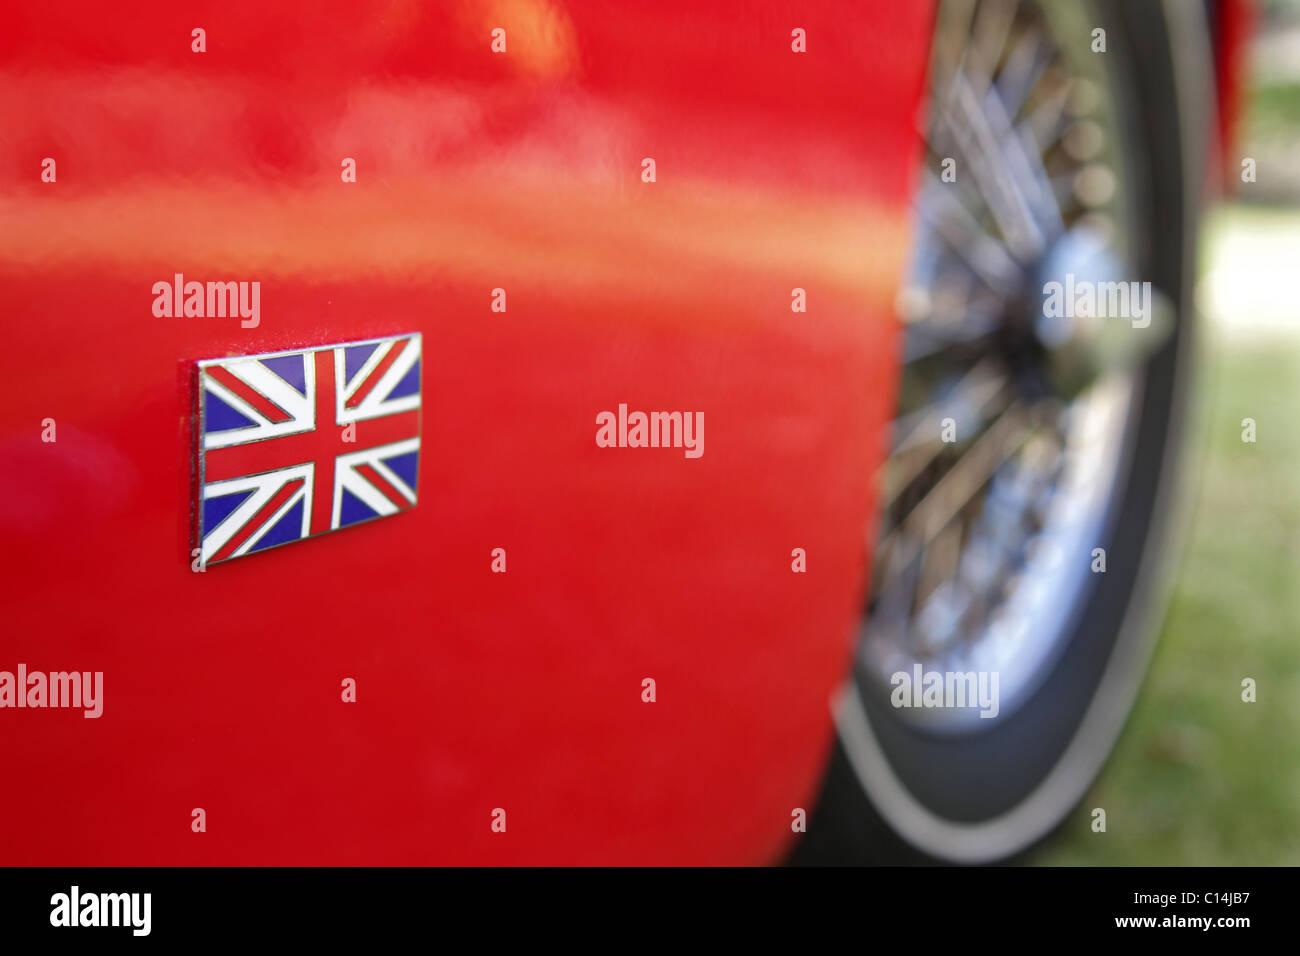 Whitewall Tires Stockfotos & Whitewall Tires Bilder - Alamy